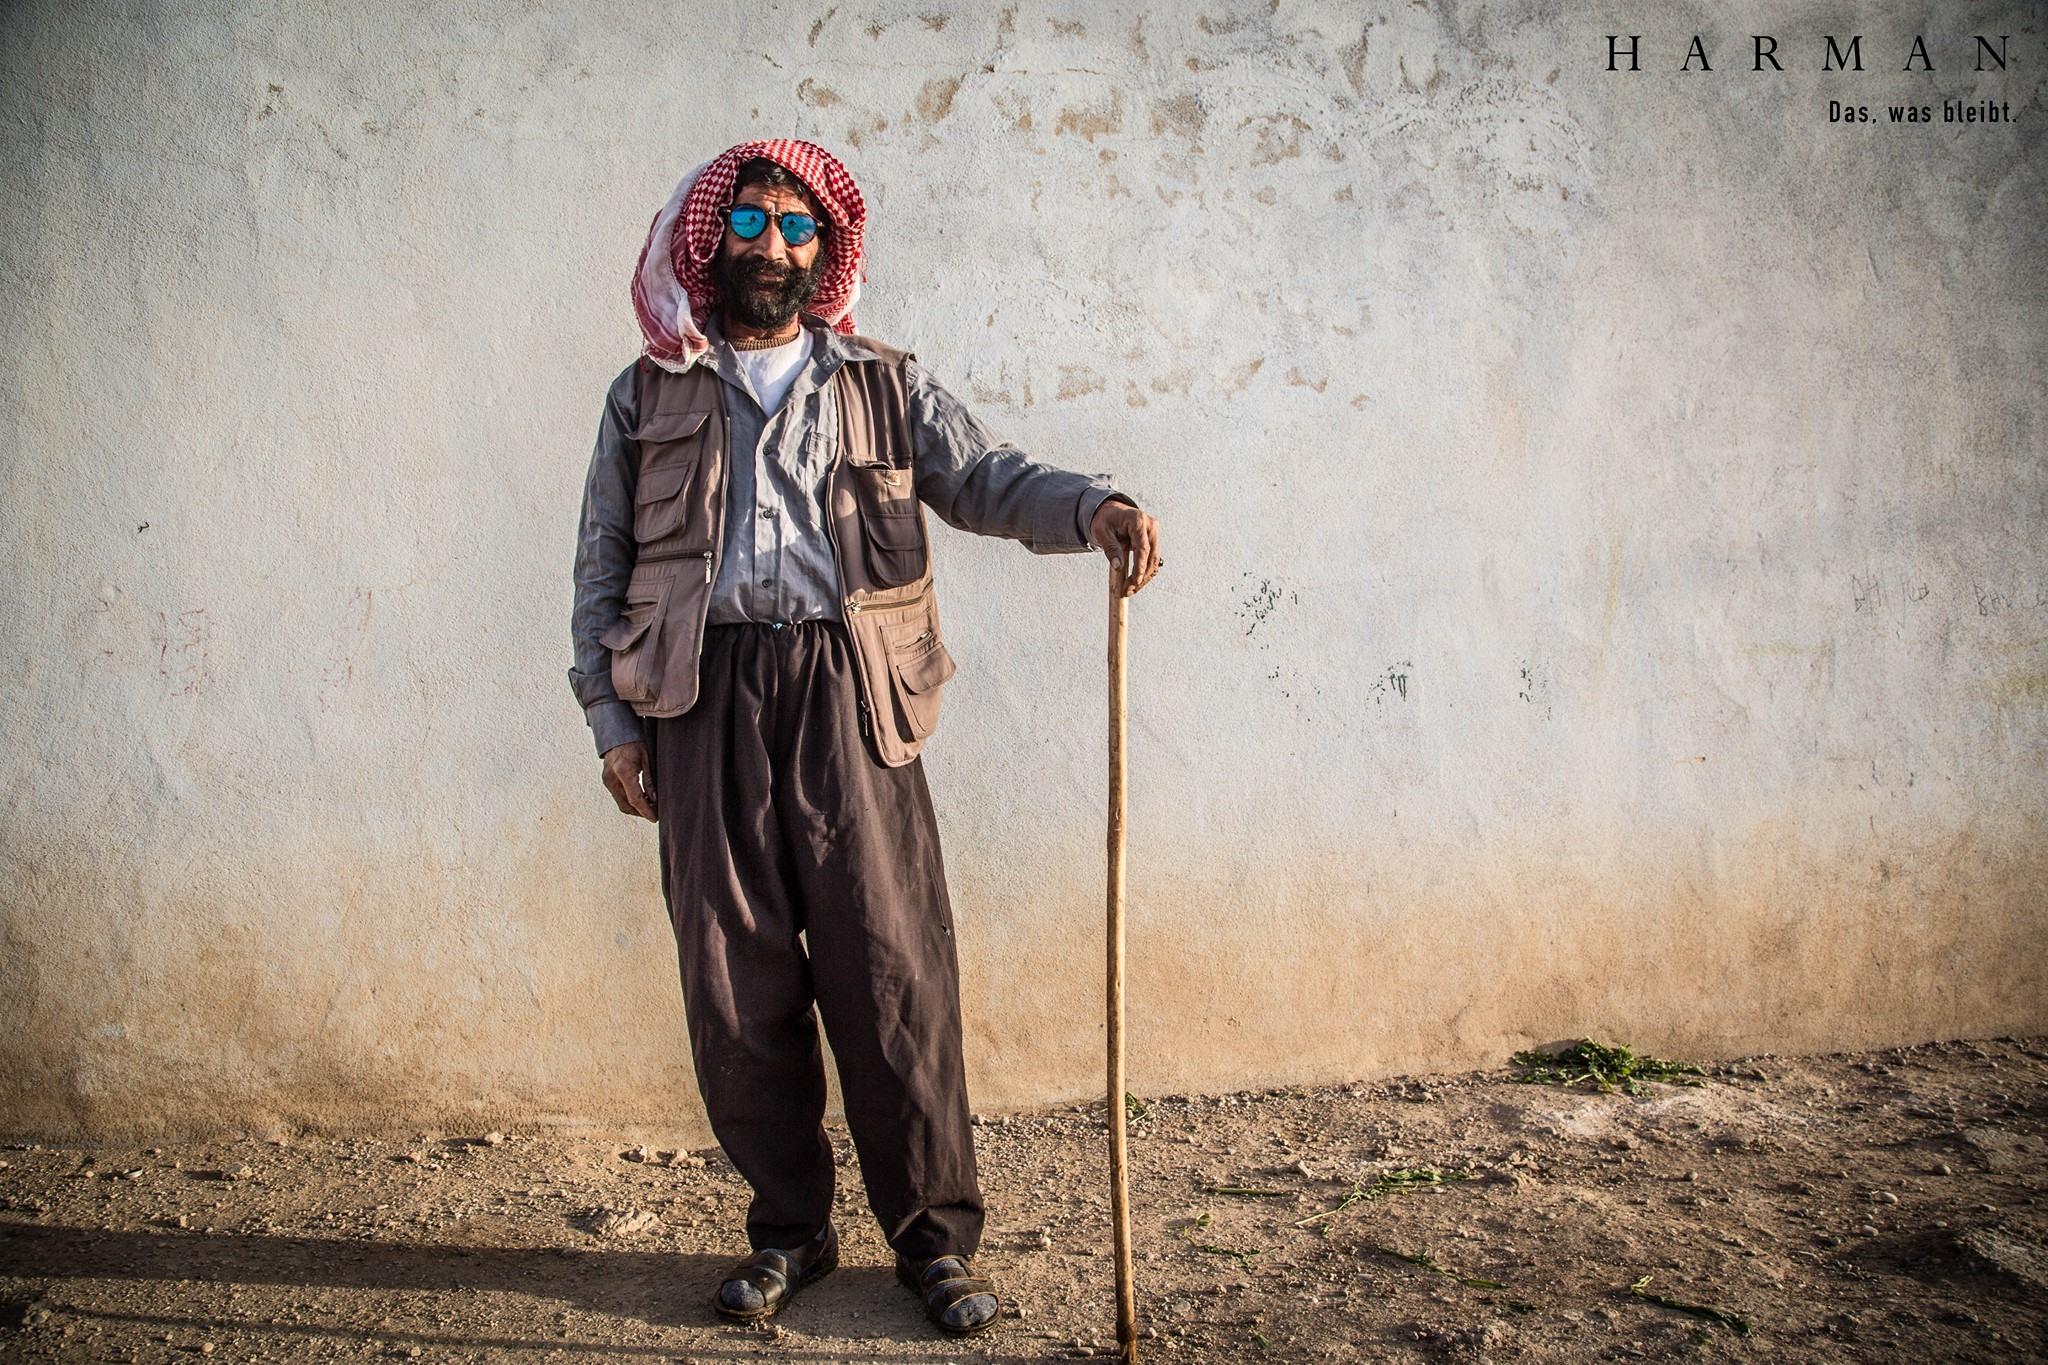 """Die Ausstellung """"Harman – Das, was bleibt"""" zeigt die Reise zweier Studenten durch Nord-Irak."""